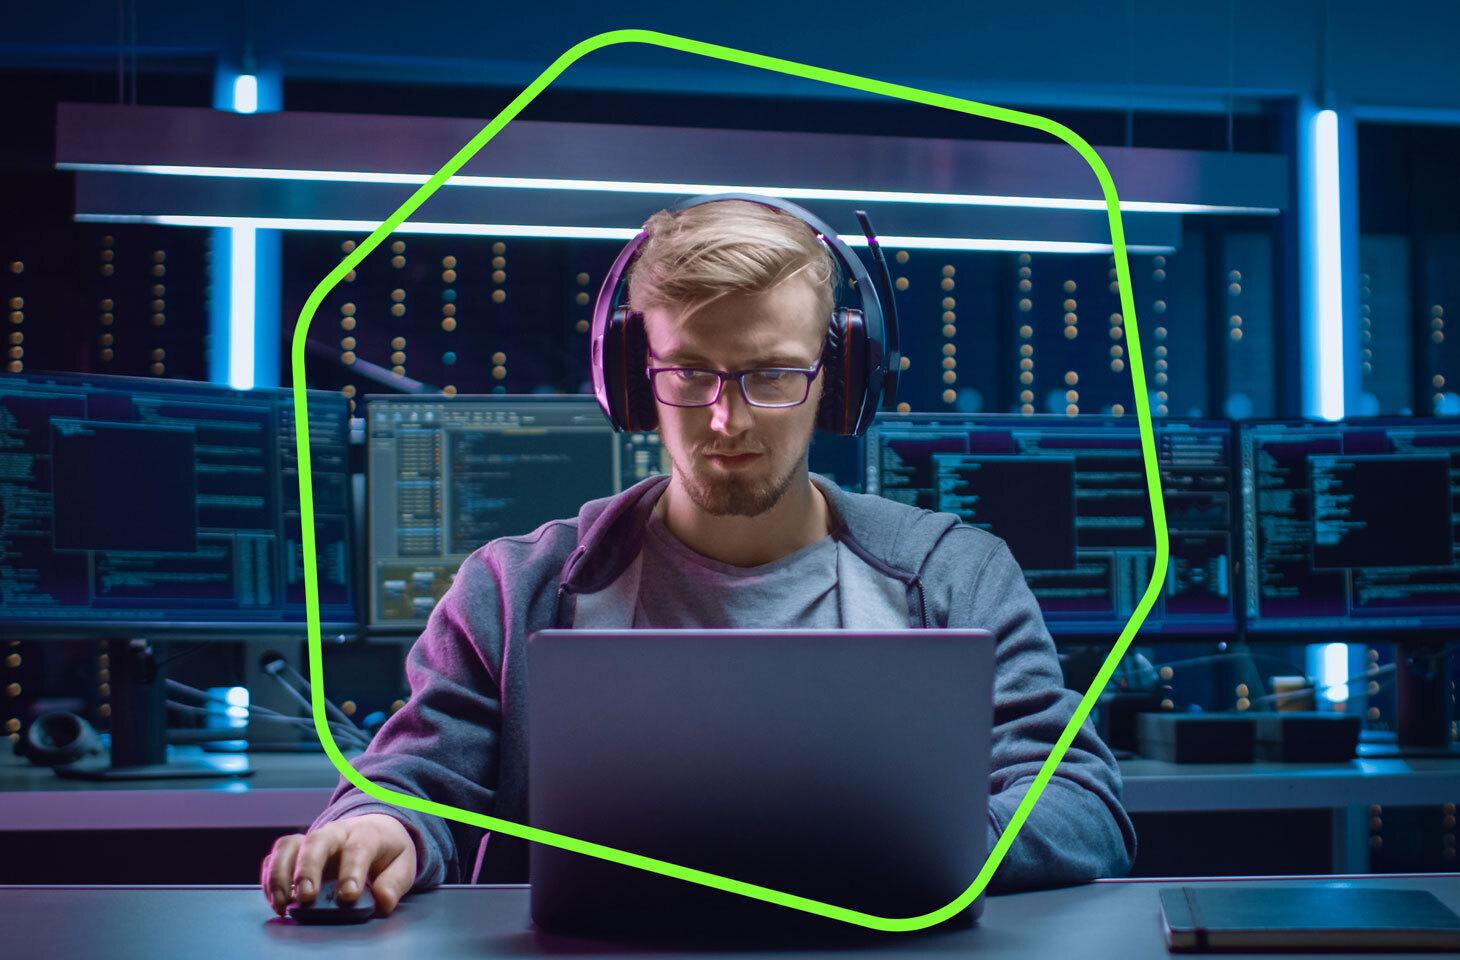 IT-Sicherheitsanalysten von Kaspersky mühelos eine Frage stellen